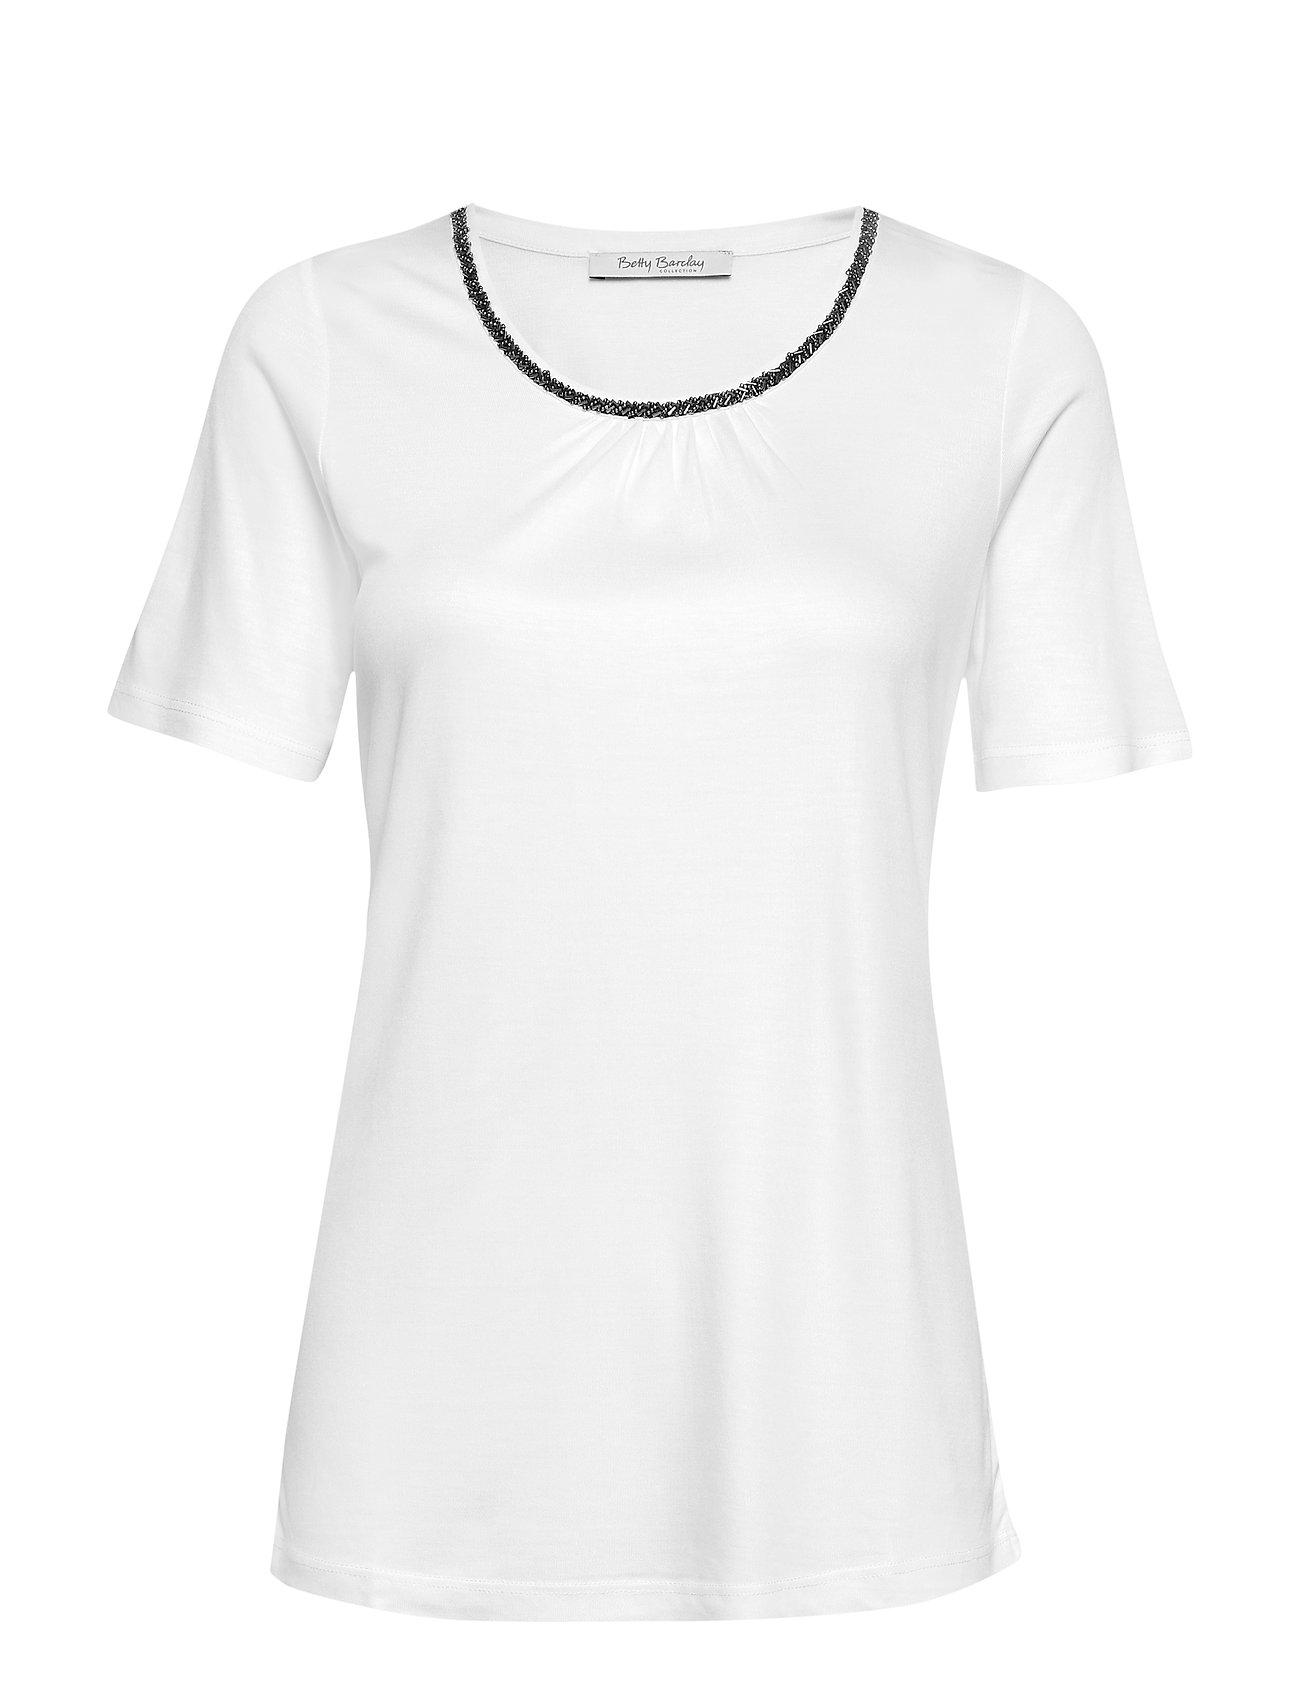 Betty Barclay shirt - ICE VANILLA